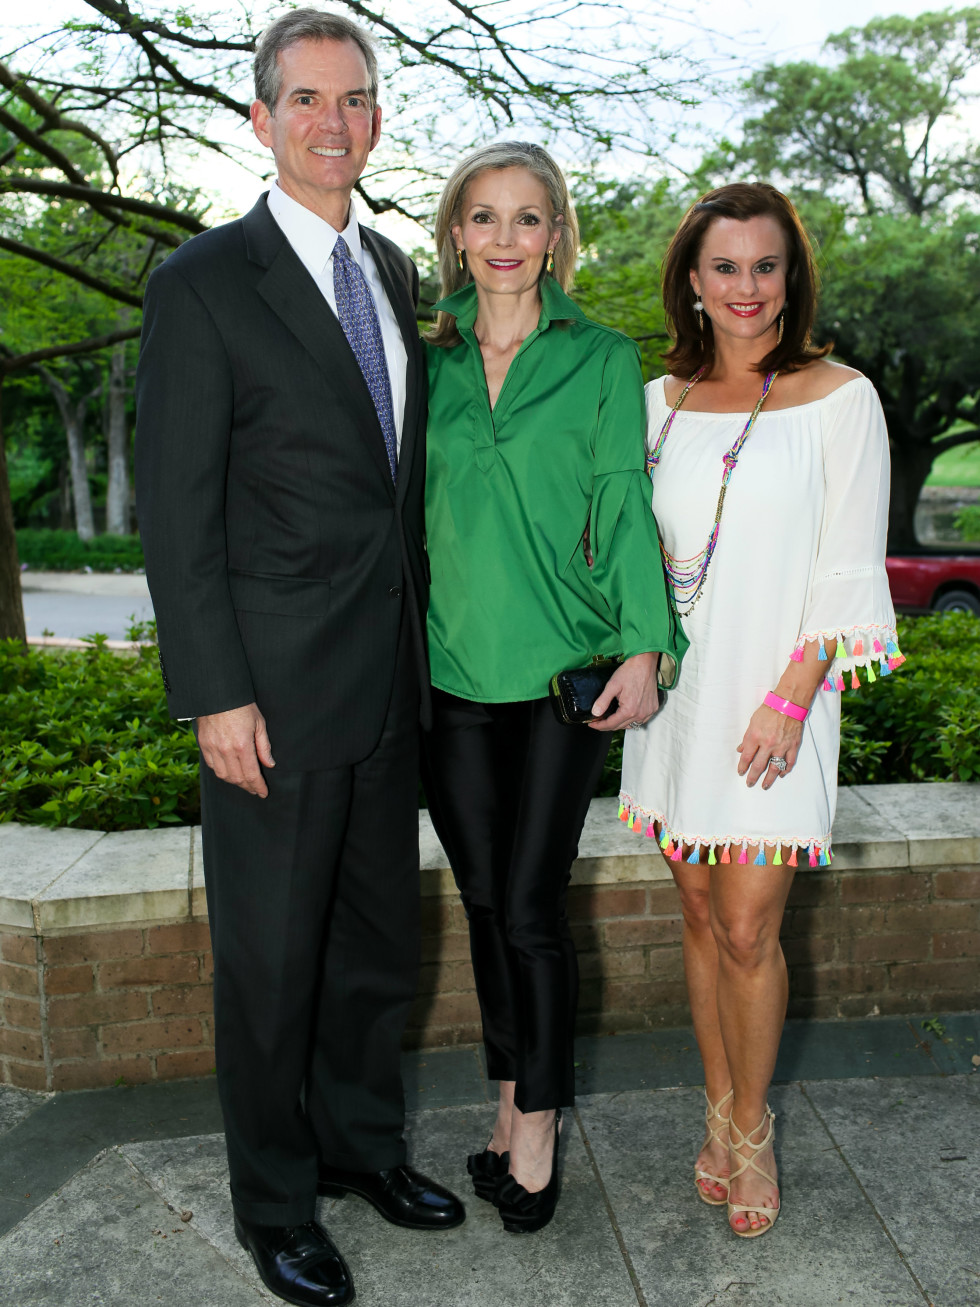 Key Coker, Katherine Coker, Kathy Fielder